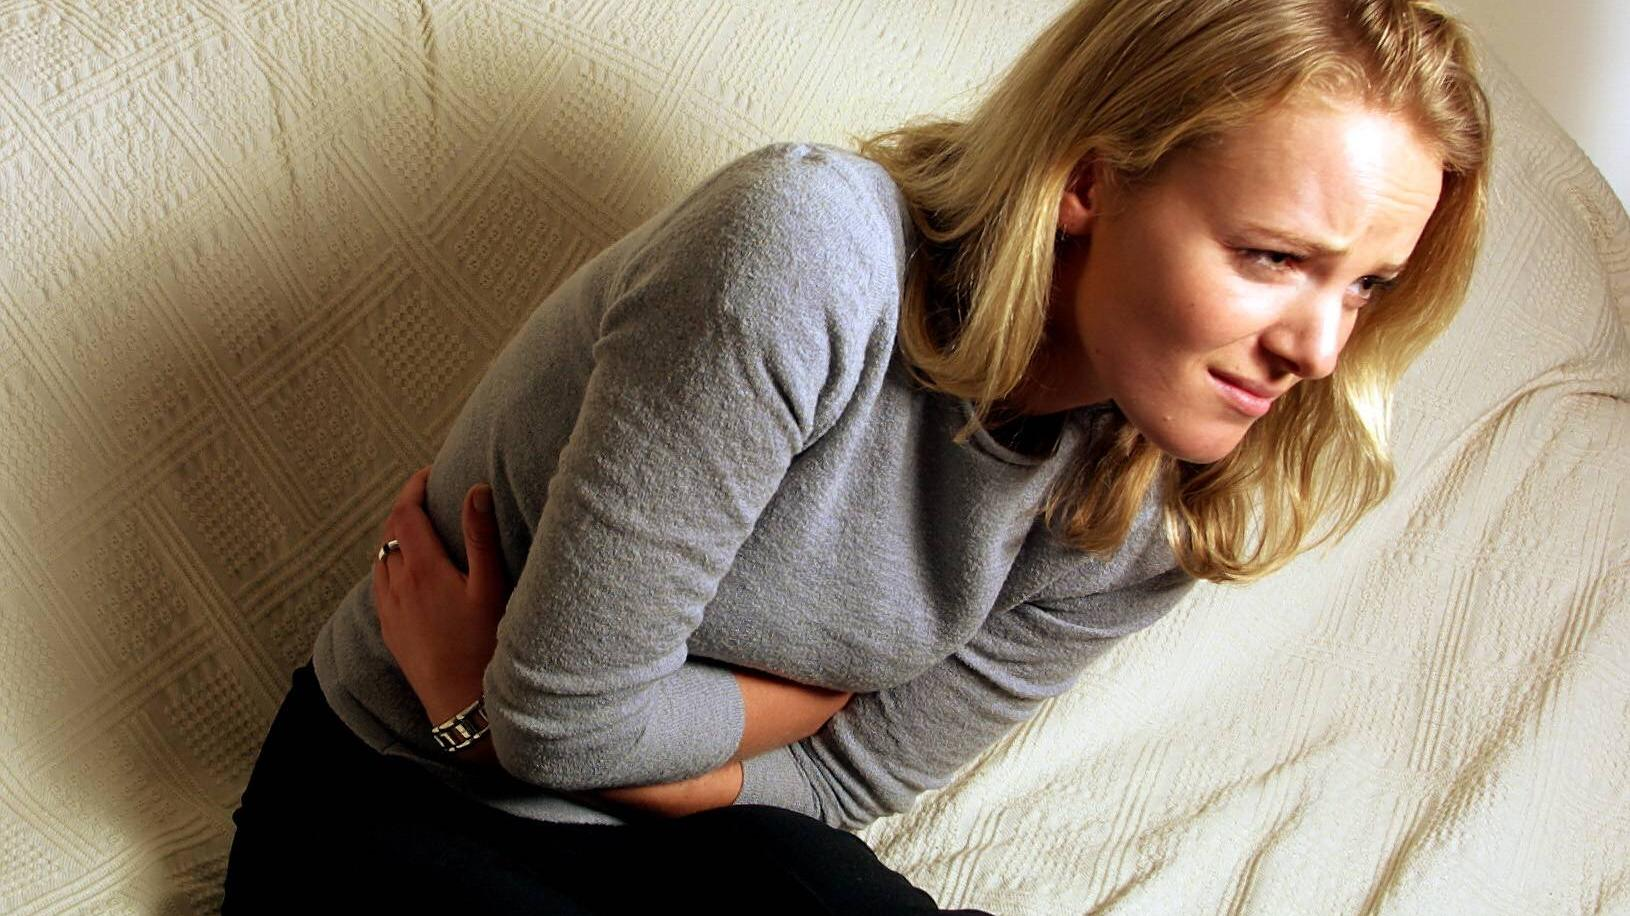 Unterleibschmerzen sind nach dem Absetzen der Pille keine seltene Nebenwirkung.